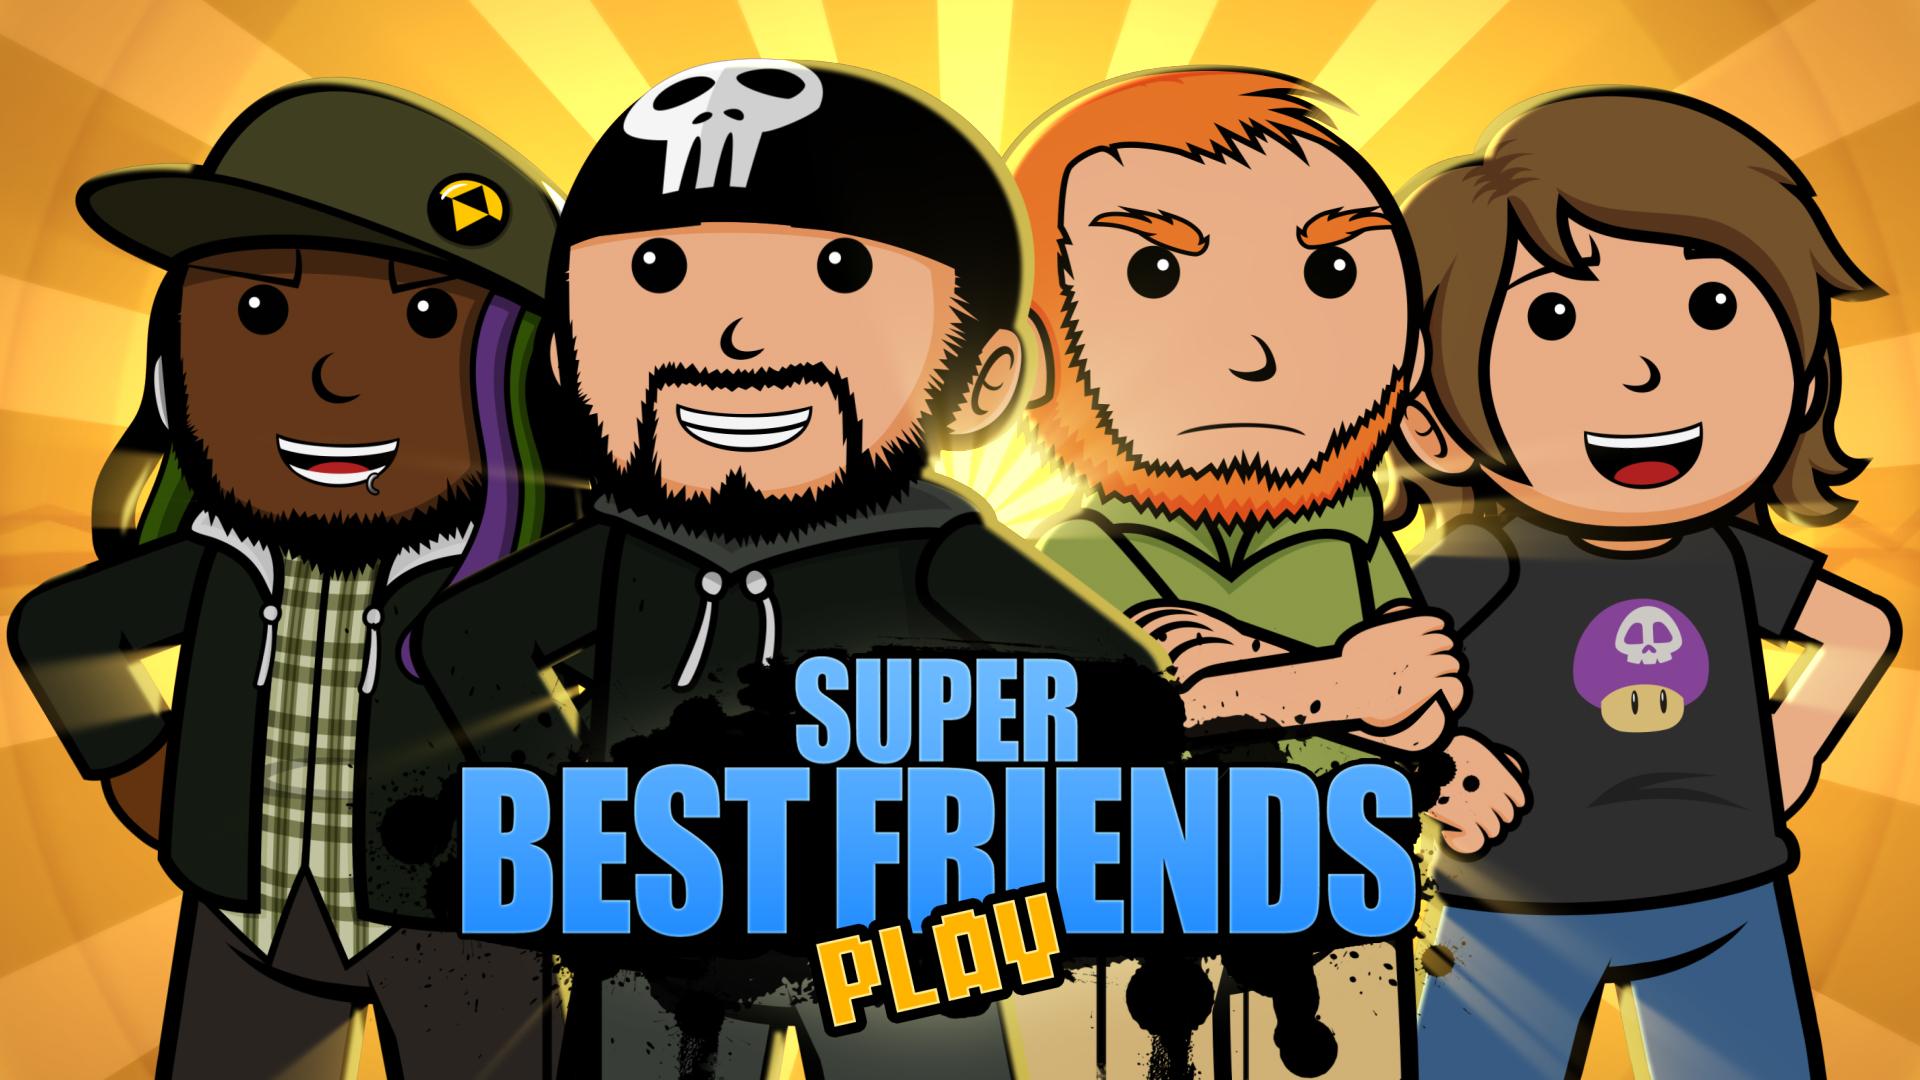 Marvelous Super Best Friends Play